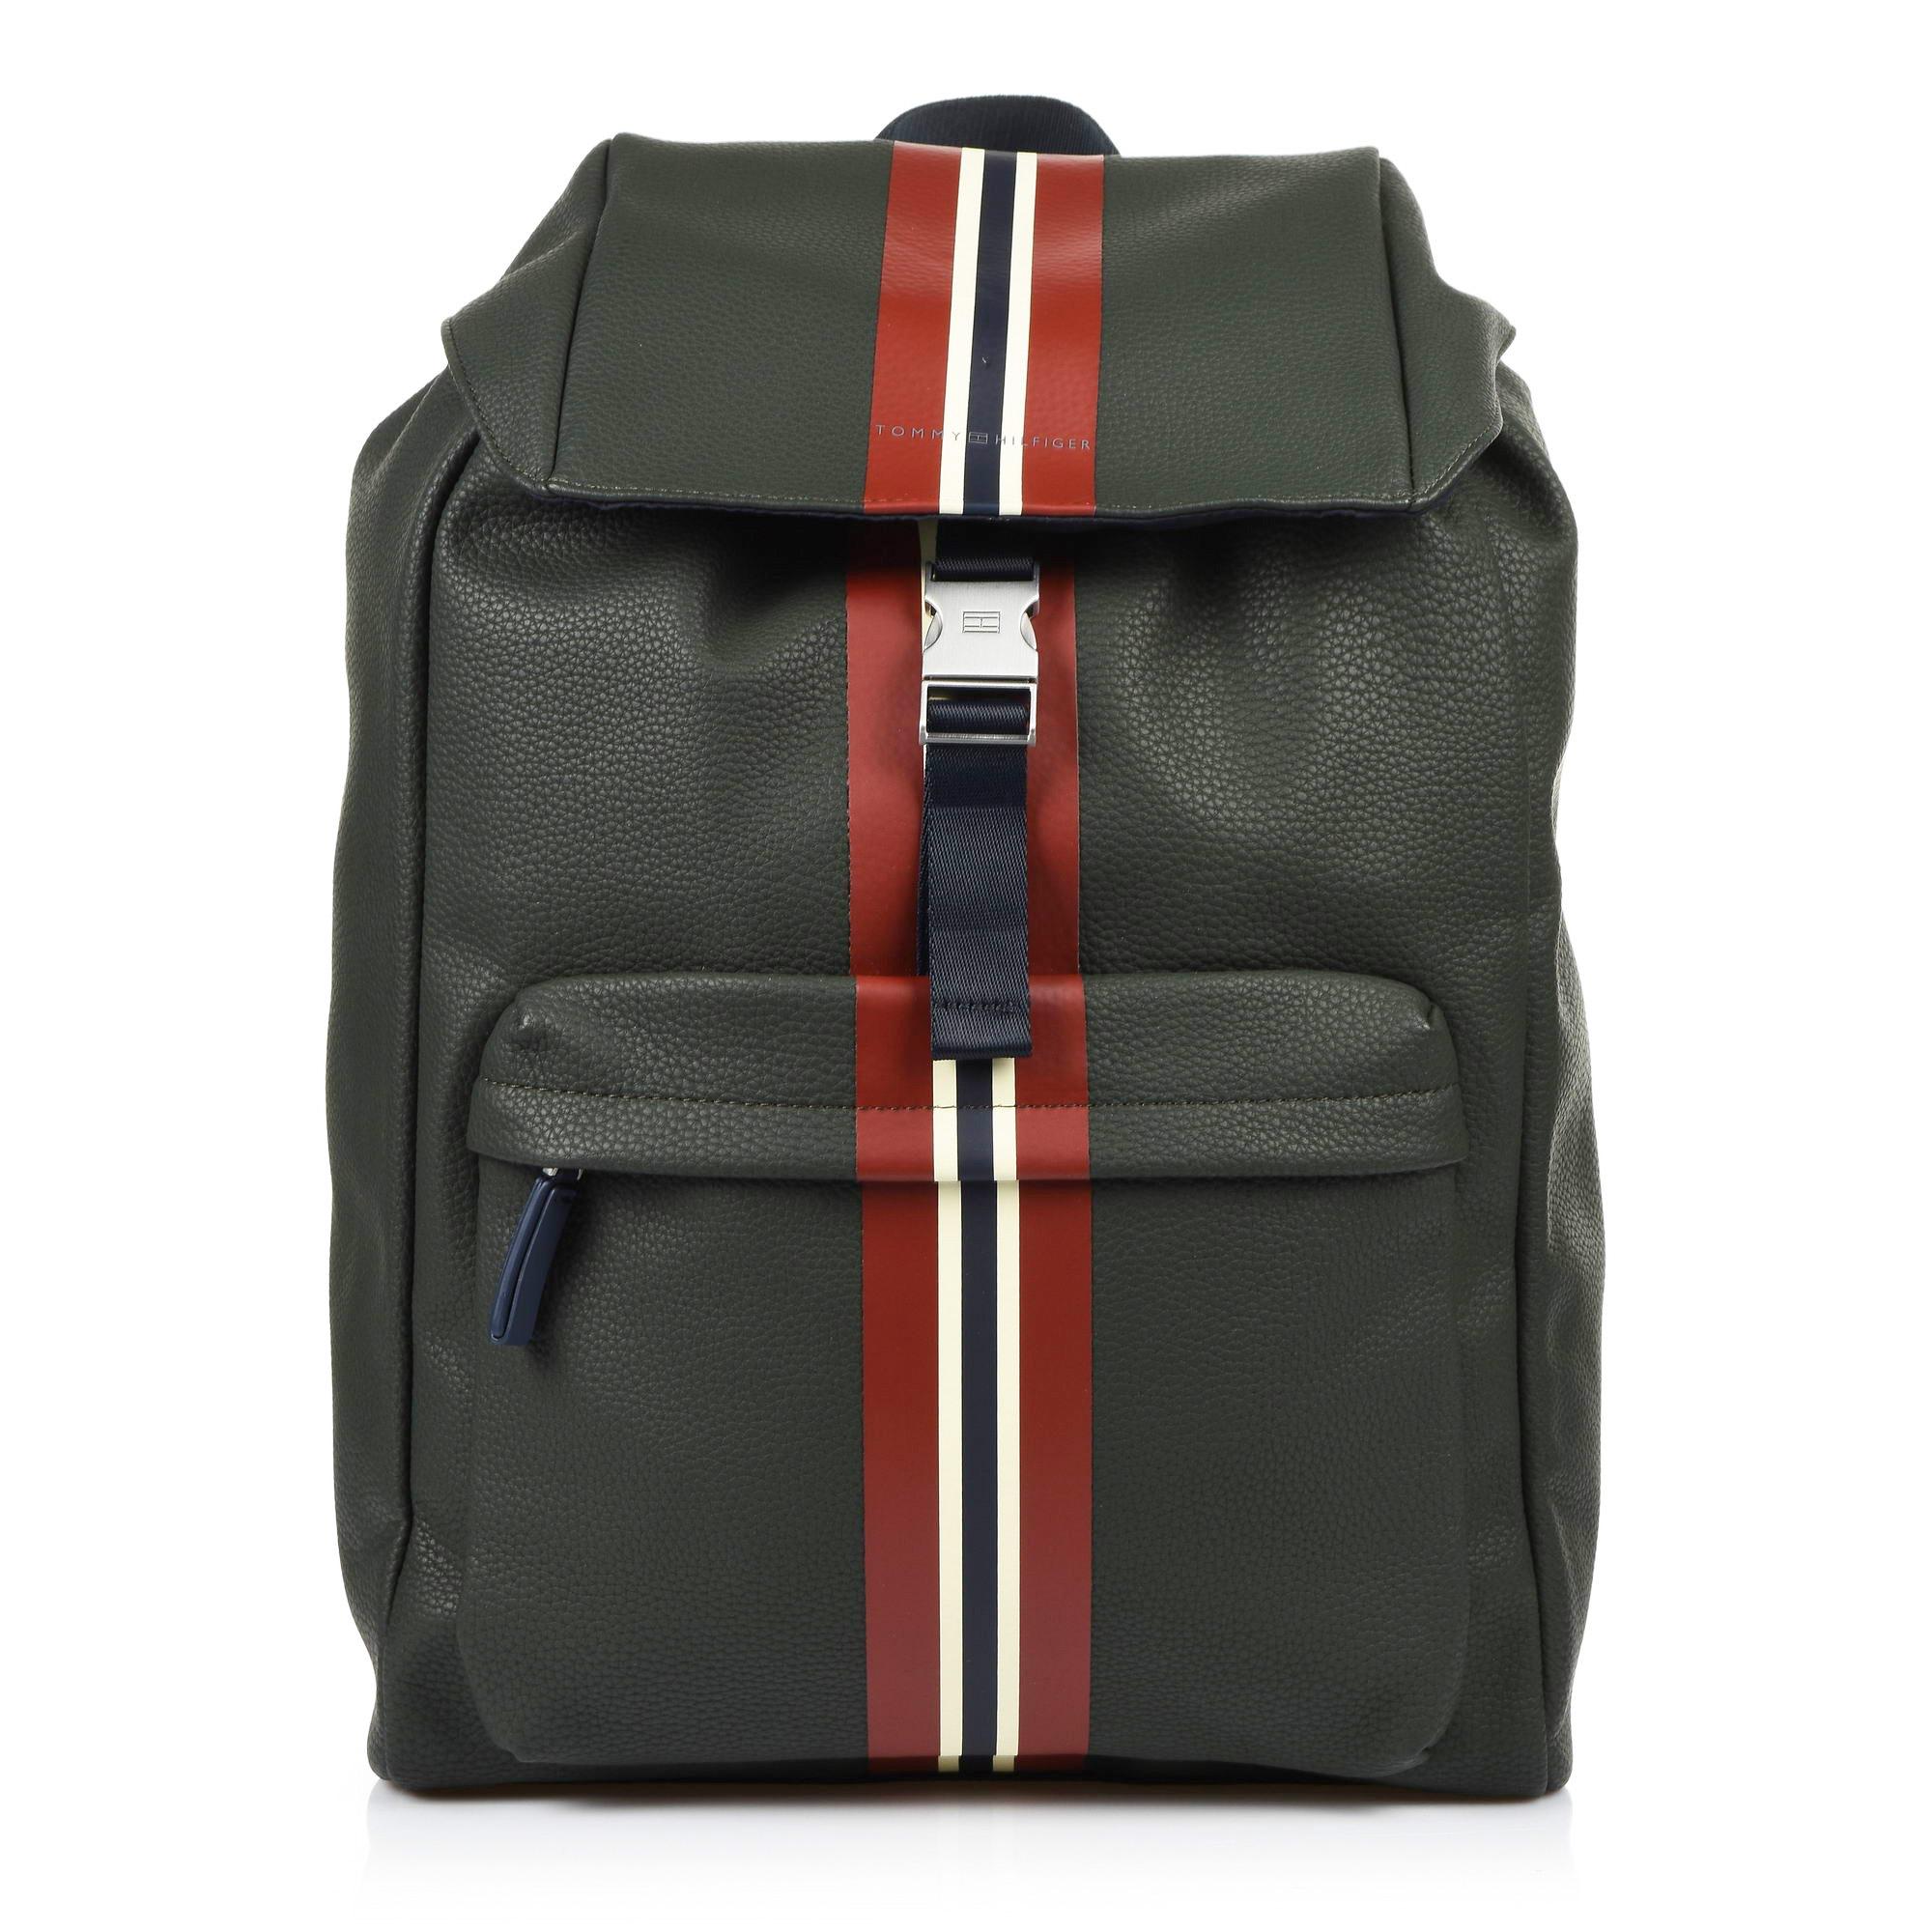 8e506633960 Σακίδιο Πλάτης Tommy Hilfiger Block Stripe Backpack AM0AM03955 ...